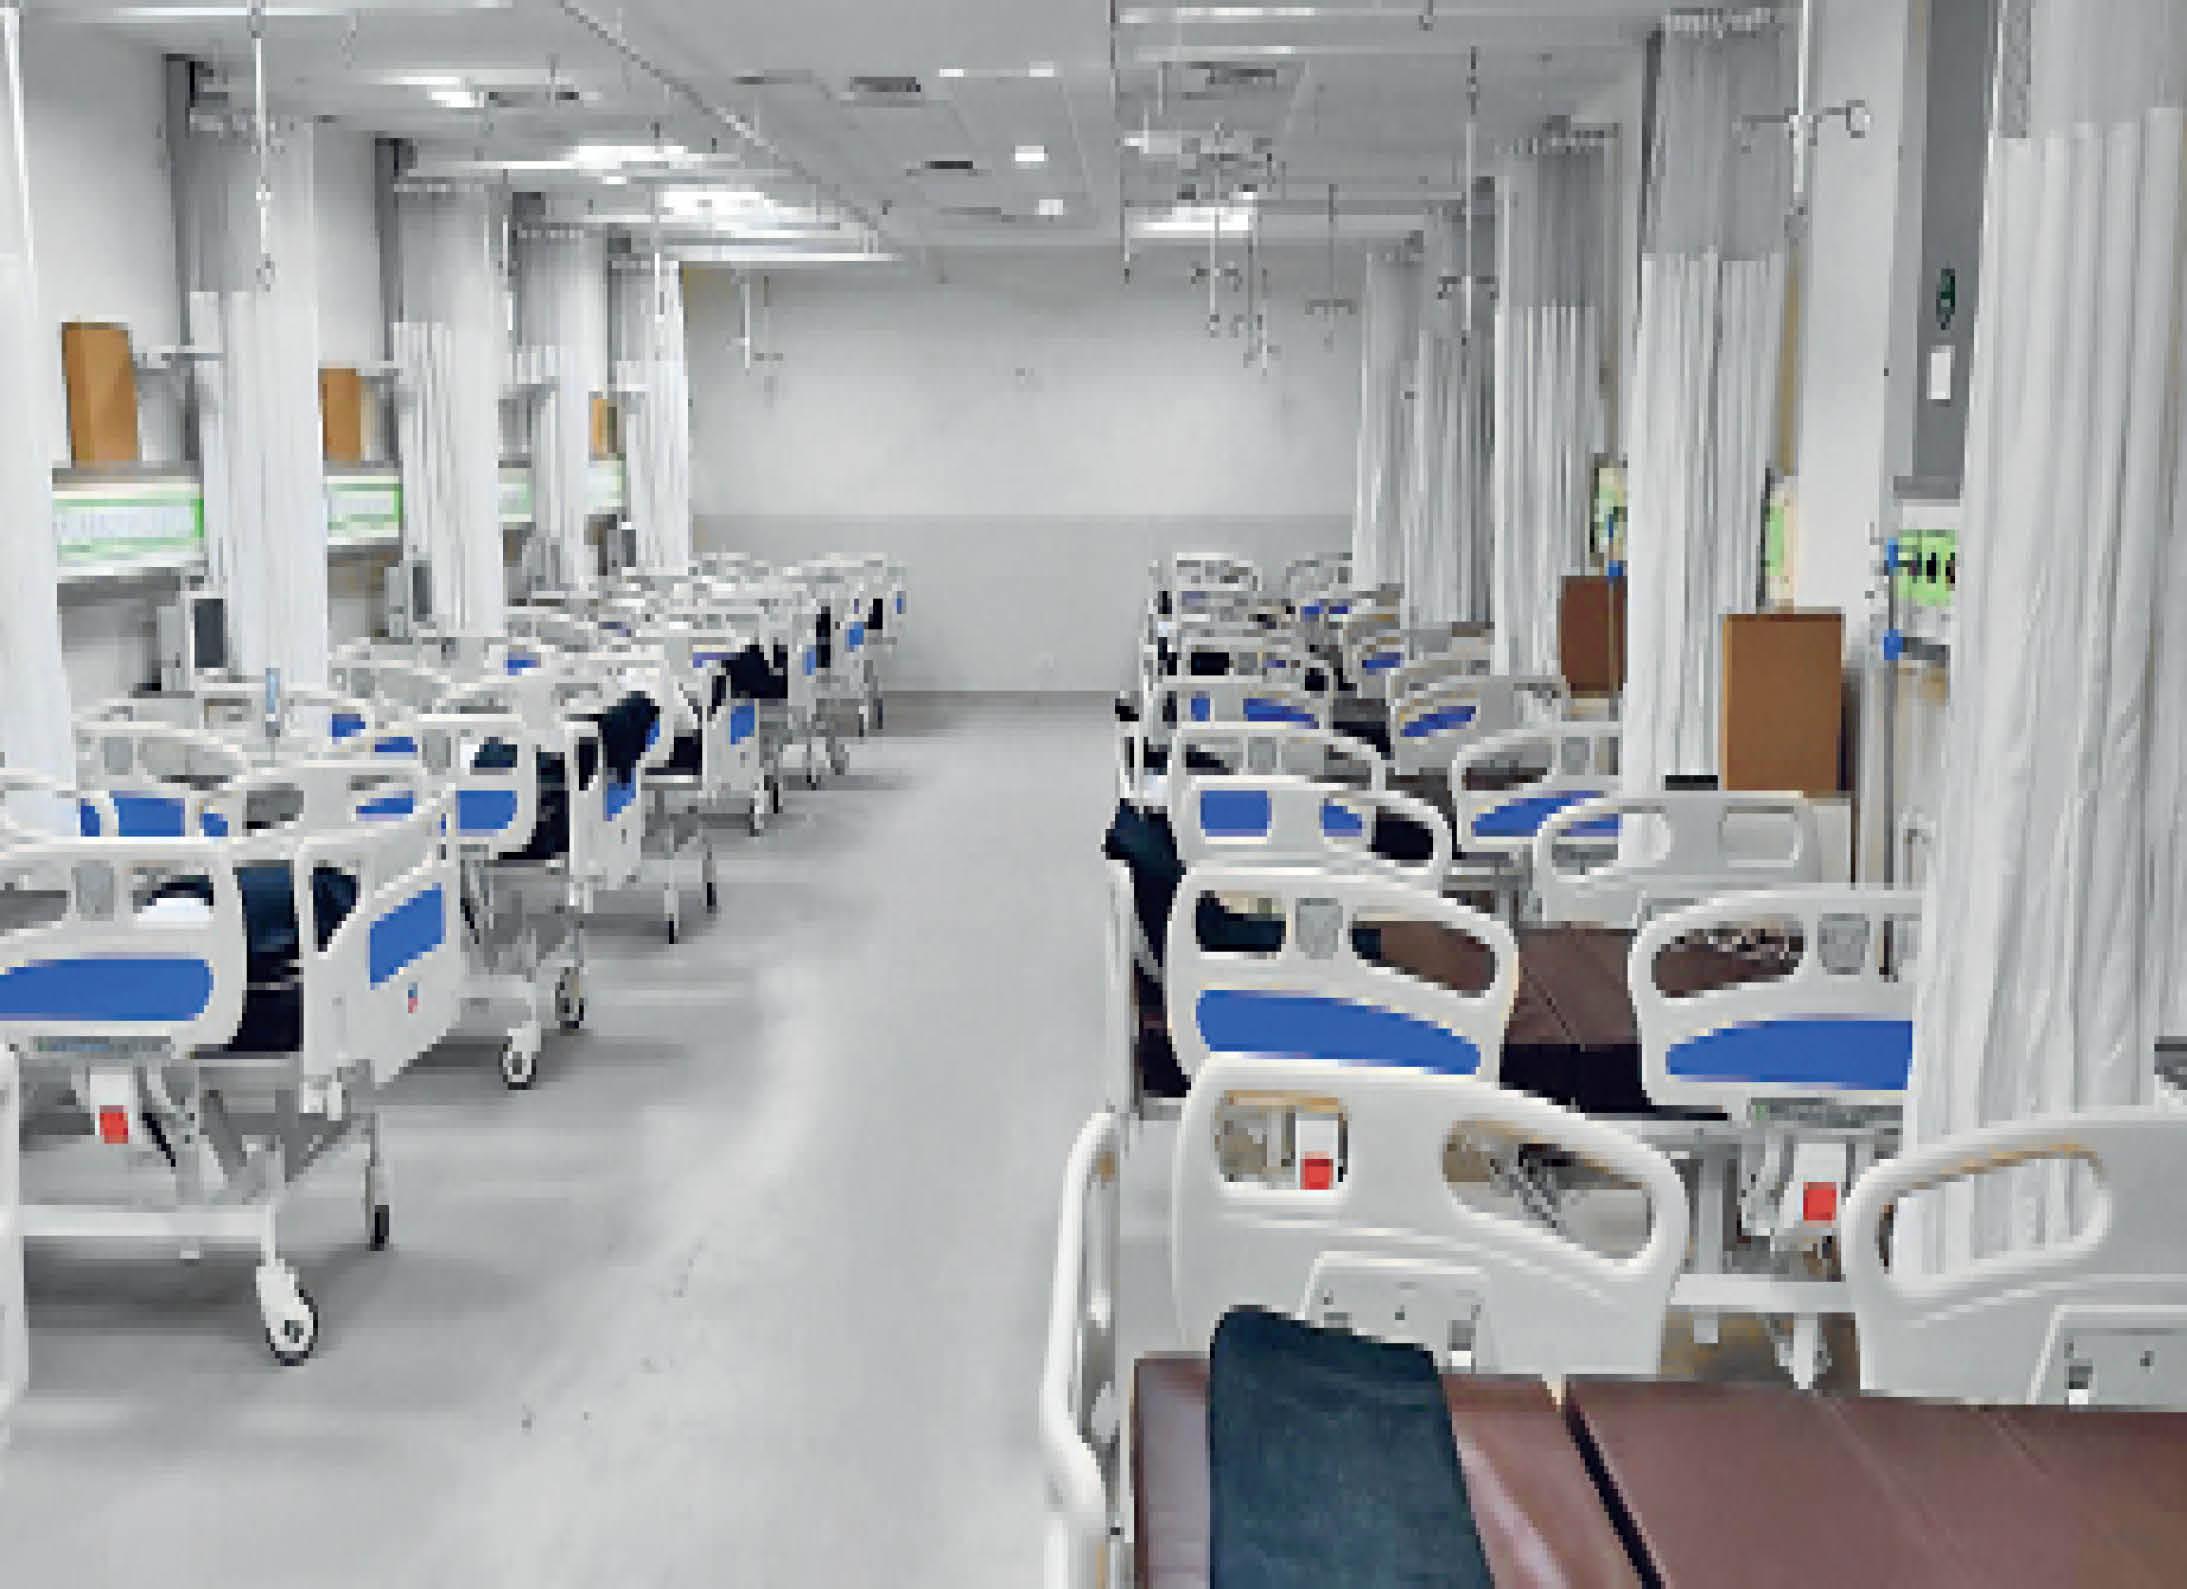 ऑक्सीजन-बेड न मिलने से दम तोड़ रहे मरीज,125 वेंटिलेटर समेत 500 ऑक्सीजन बेड वाले अस्पताल में सिर्फ 50 बेड का कोविड सेंटर ही क्यों?|पटना,Patna - Dainik Bhaskar